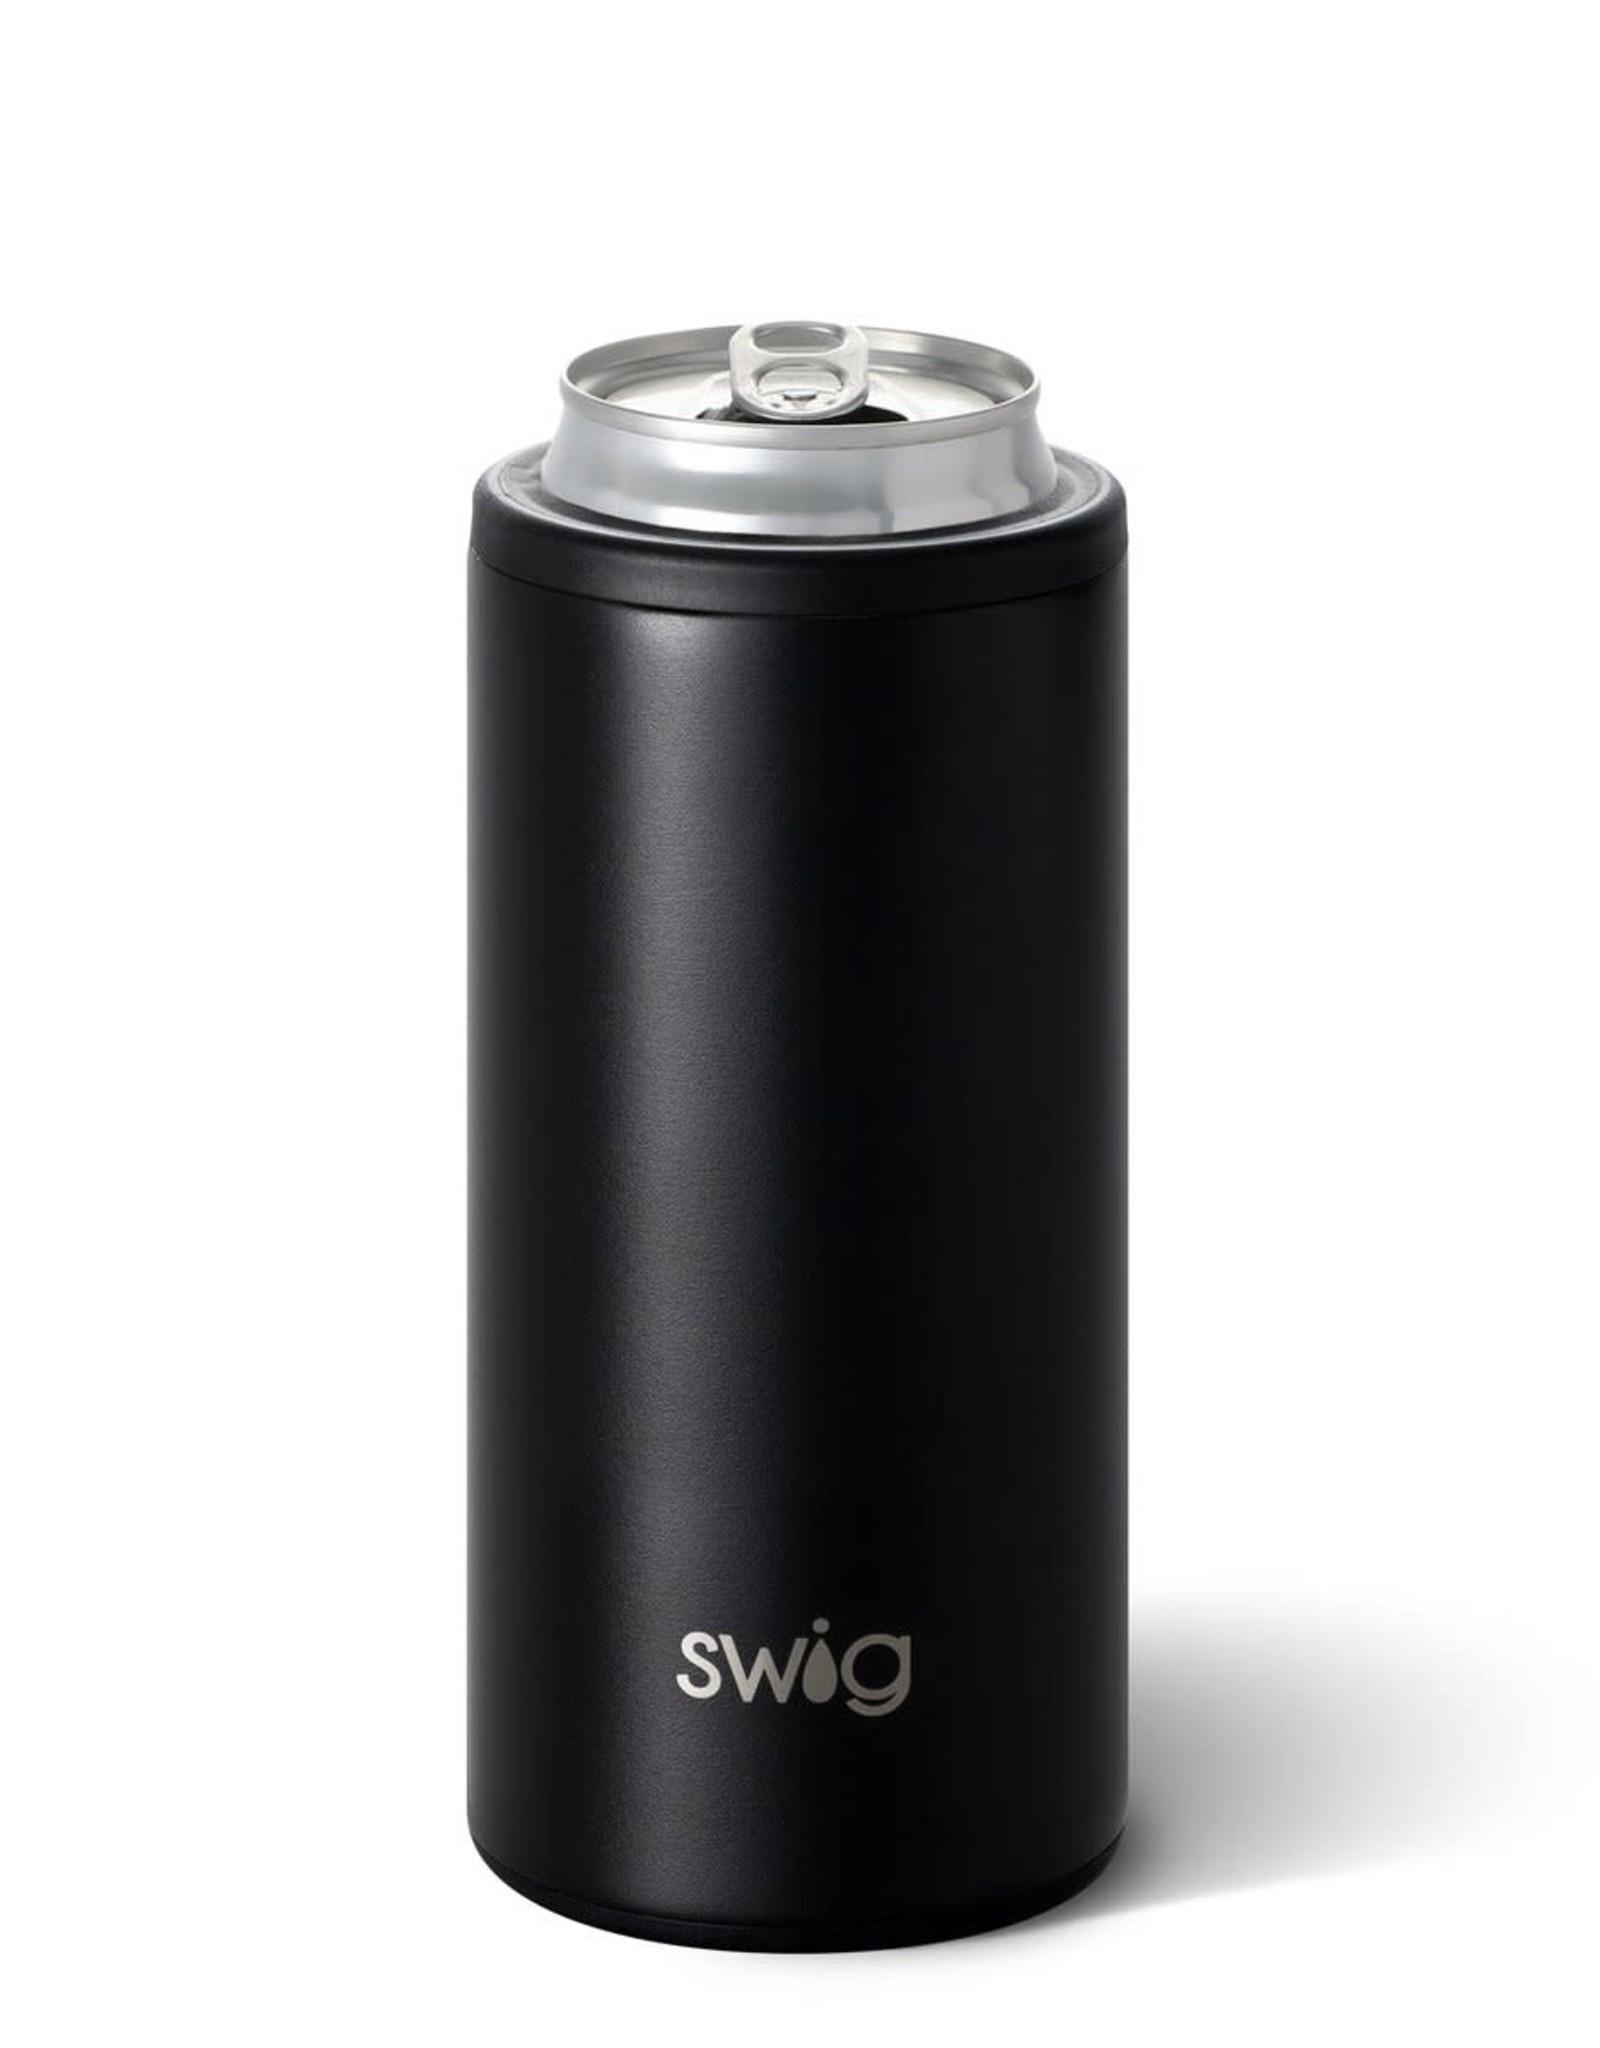 Swig Can Cooler - 12oz - Matte Black